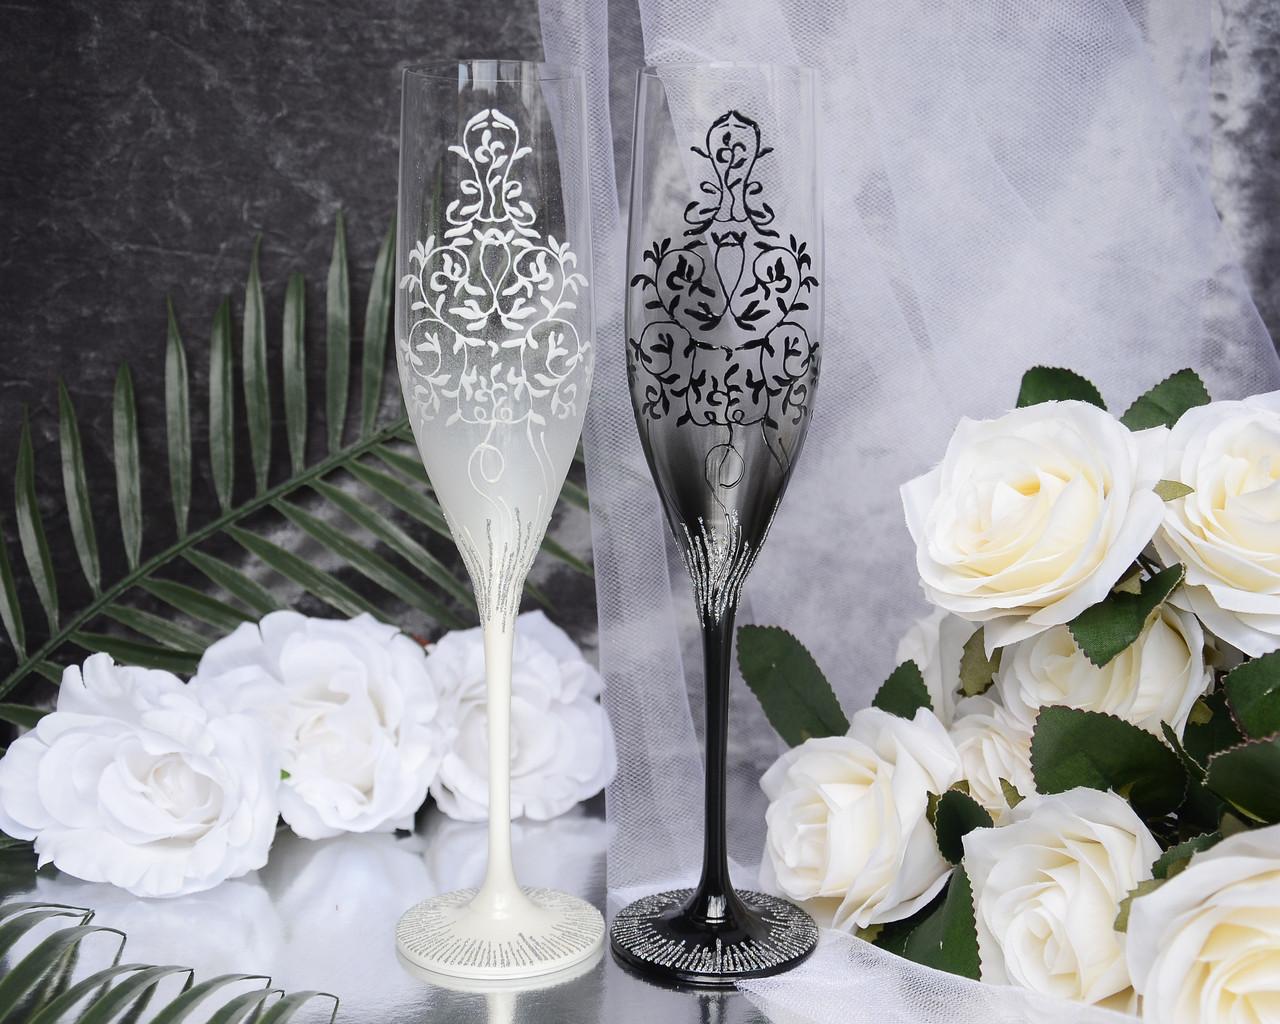 Свадебные бокалы для молодоженов ручной работы. В черно-белых тонах с узором